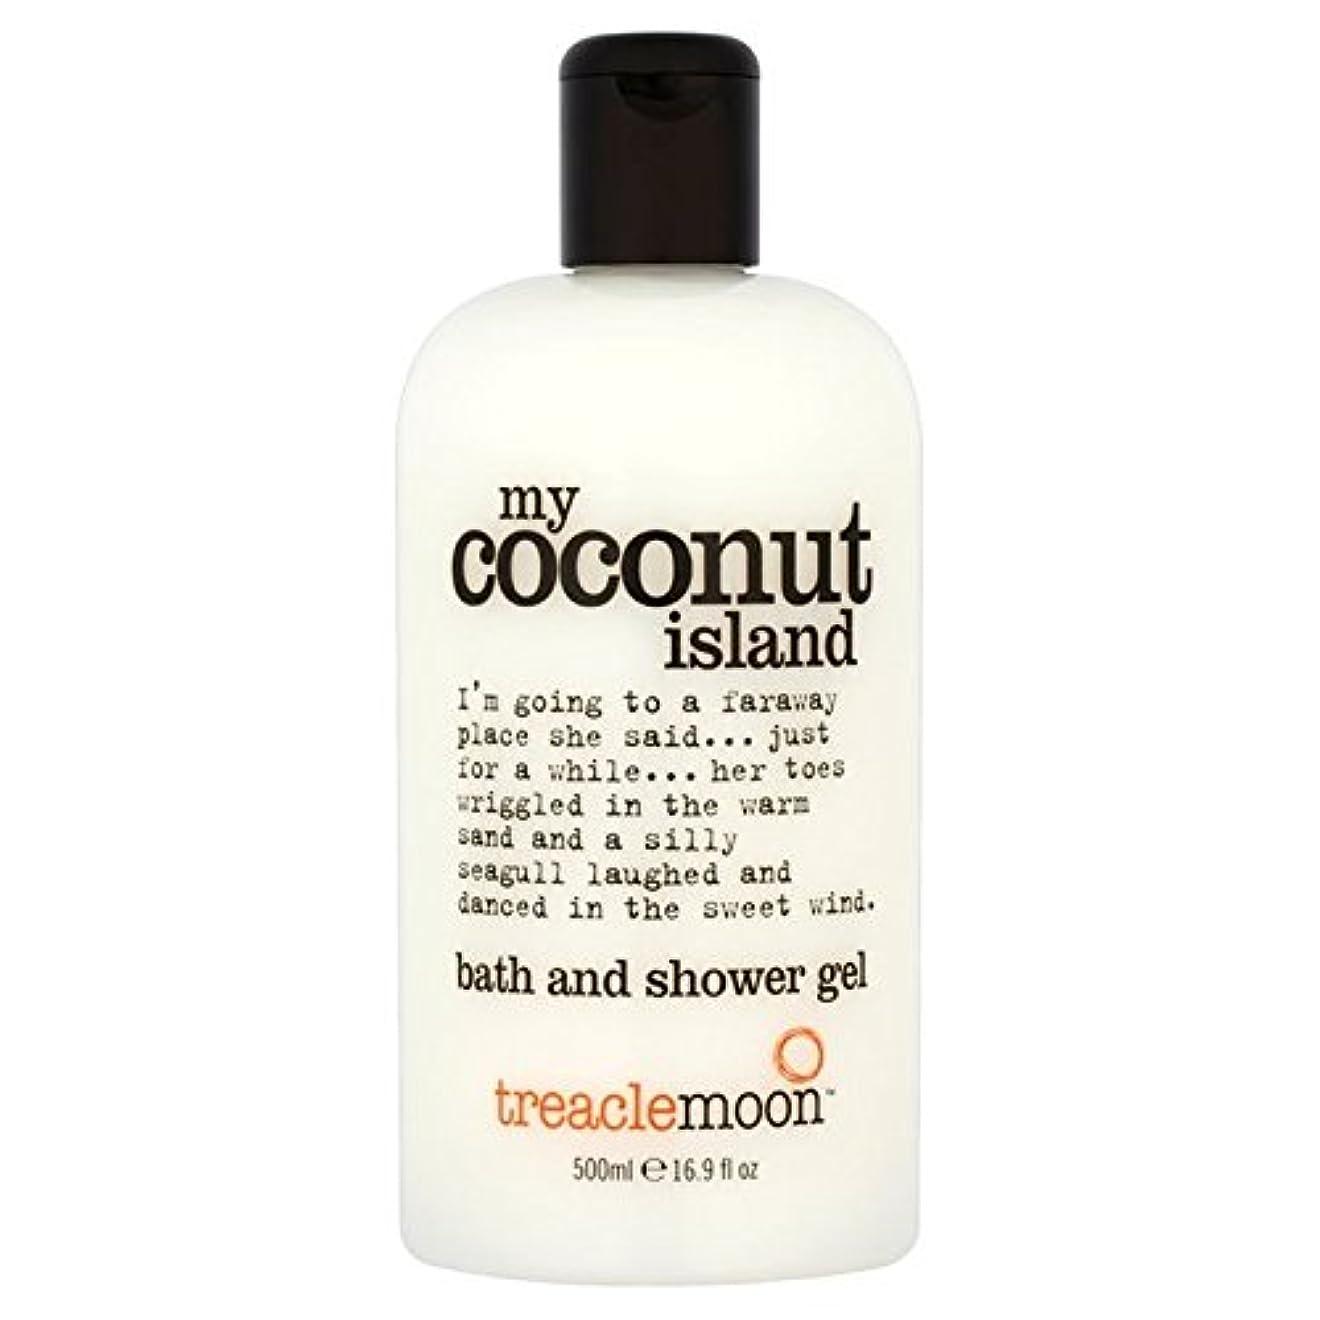 時折クラブ詐欺師Treacle Moon Coconut Island Bath & Shower Gel 500ml - 糖蜜月ココナッツ島のバス&シャワージェル500ミリリットル [並行輸入品]